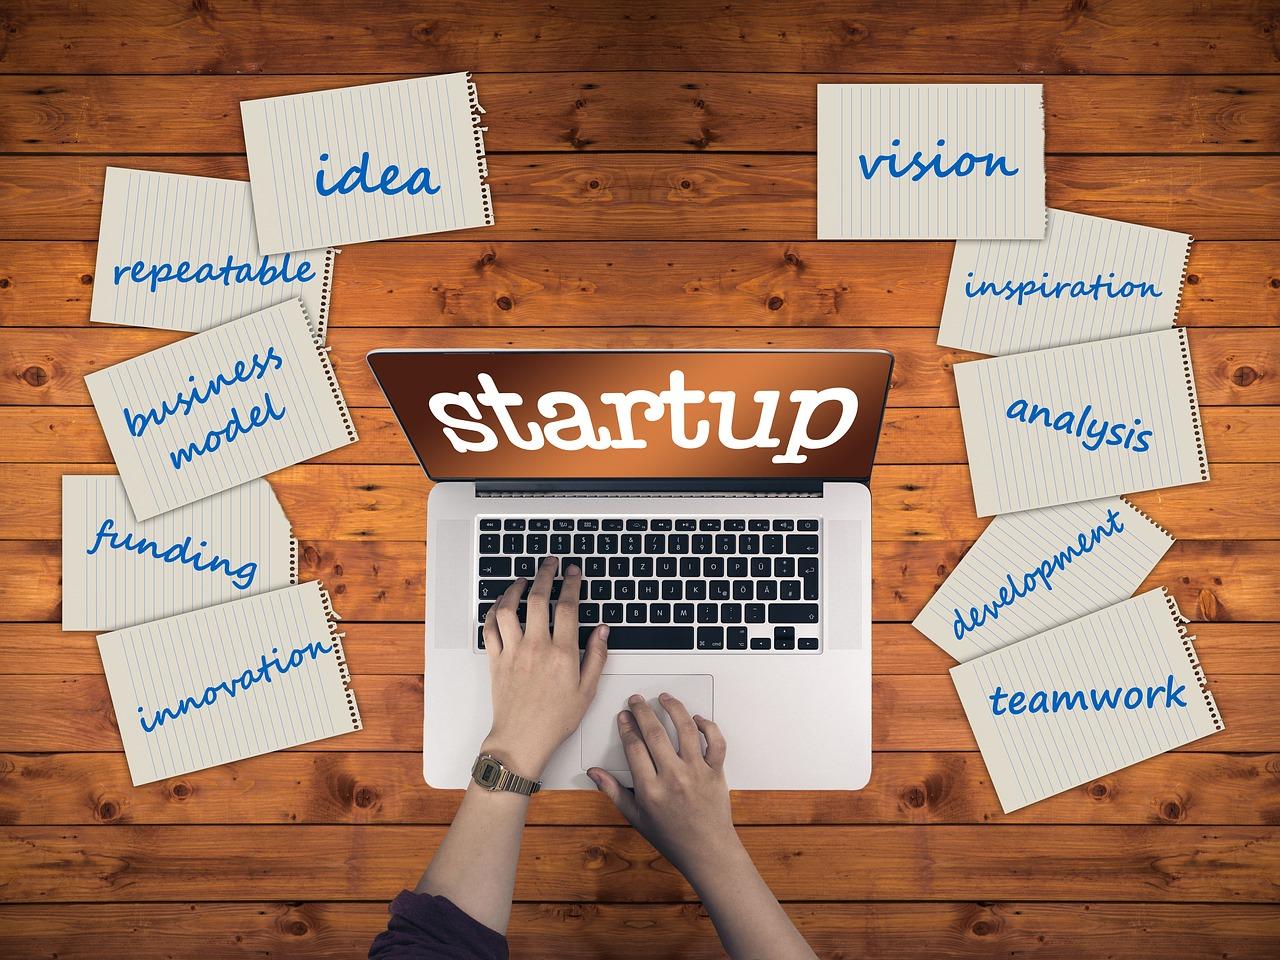 el marketing estratégico en la web